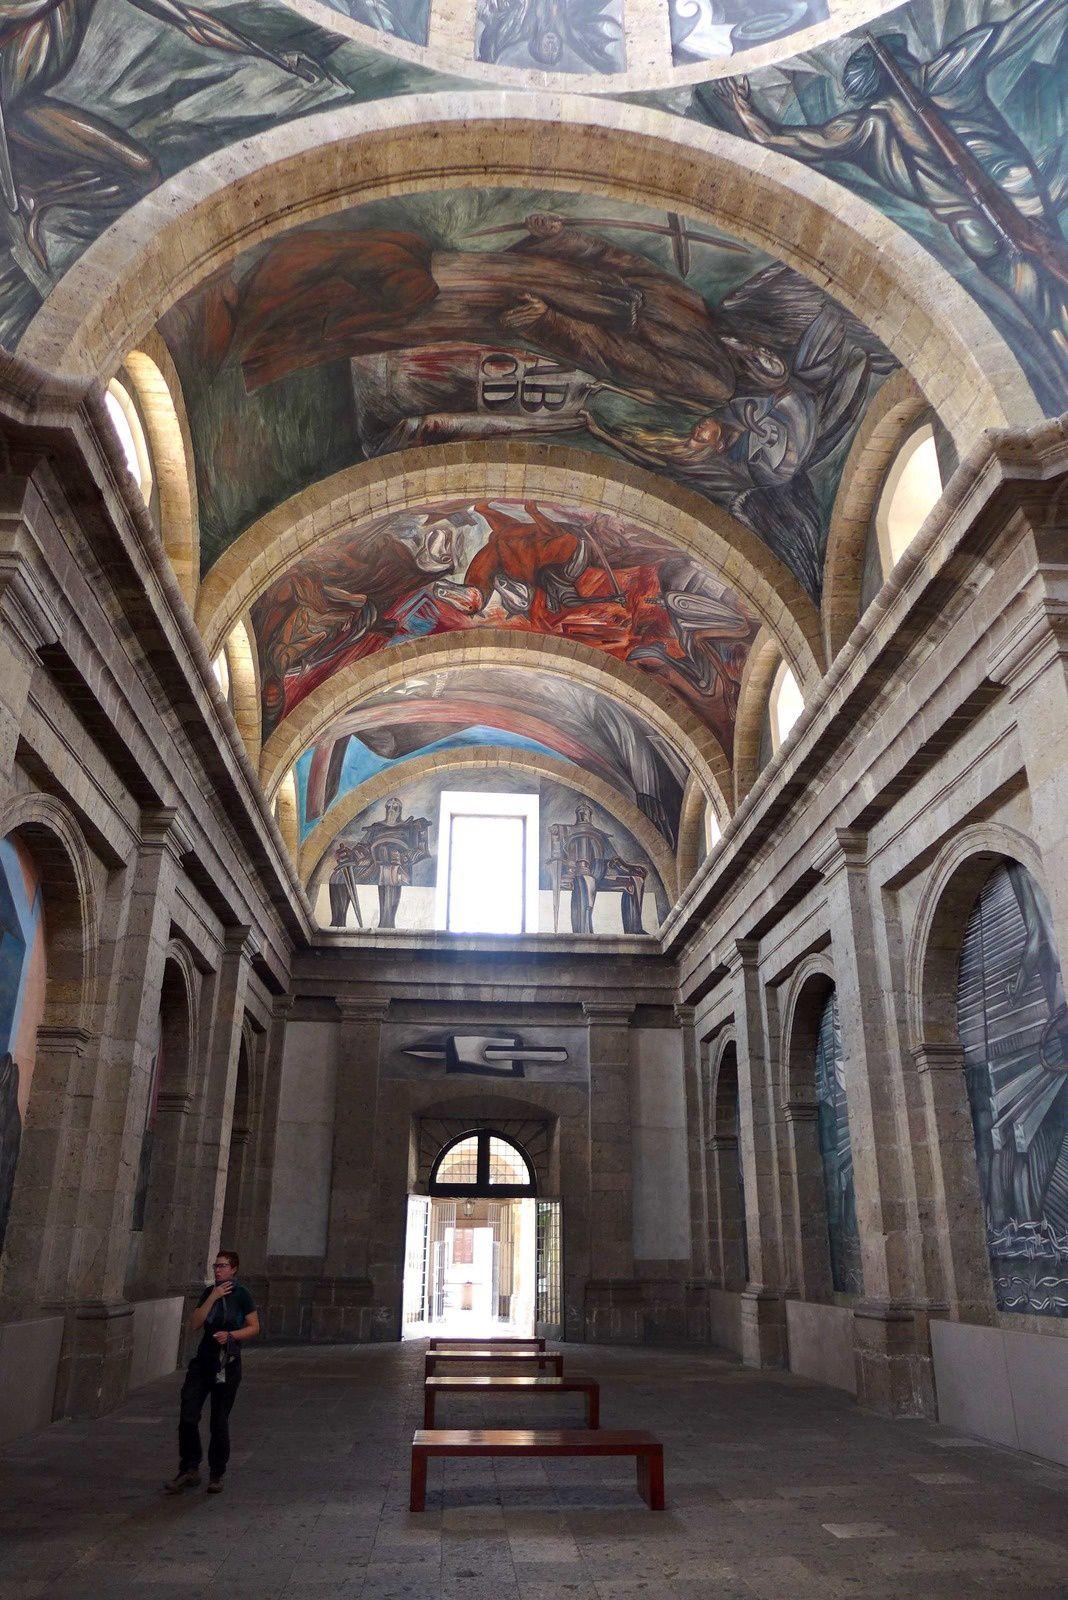 L'Instituto Cultural de Cabañas est un autre joyau architectural de Guadalajara. Il est inscrit depuis 1997 sur la liste du patrimoine mondial. Bâtiment néoclassique enchanteur, il renferme plusieurs fresques murales modernistes de José Clemente Orozco, parmi les plus belles de la ville.Cet édifice magnifique, abritant une foule de cours à arcades, fut fondé par l'évêque Don Juan Cruz Ruiz de Cabañas et bâti d'après les plans de l'architecte espagnol Manuel Tolsá, entre 1805 et 1810. À l'origine orphelinat et hospice pour invalides, il eut cette fonction 150 ans durant, accueillant jusqu'à 500 enfants en même temps.